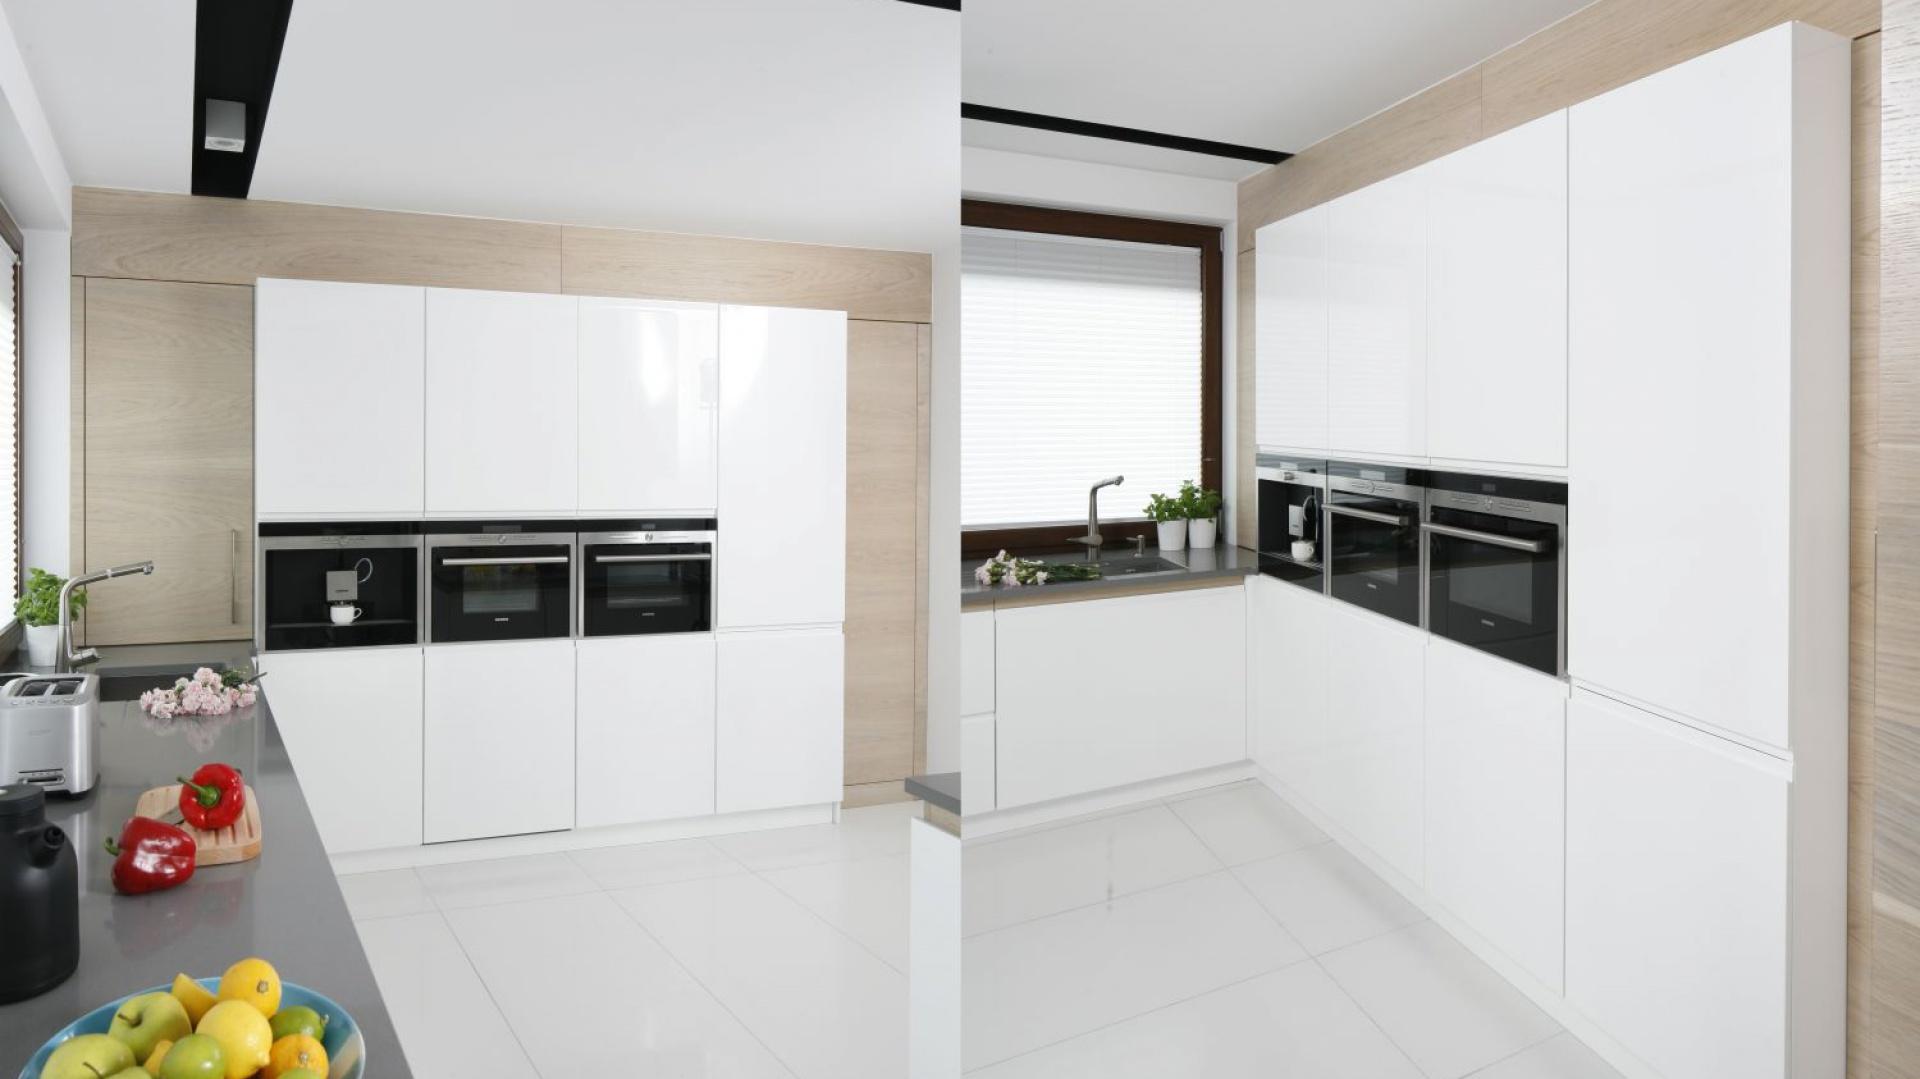 Kuchnia to królestwo nowoczesnego minimalizmu, którego najlepszym wyrazem są gładkie fronty zabudowy kuchennej, pozbawione uchwytów. Projekt: Marta Kilan. Fot. Bartosz Jarosz.